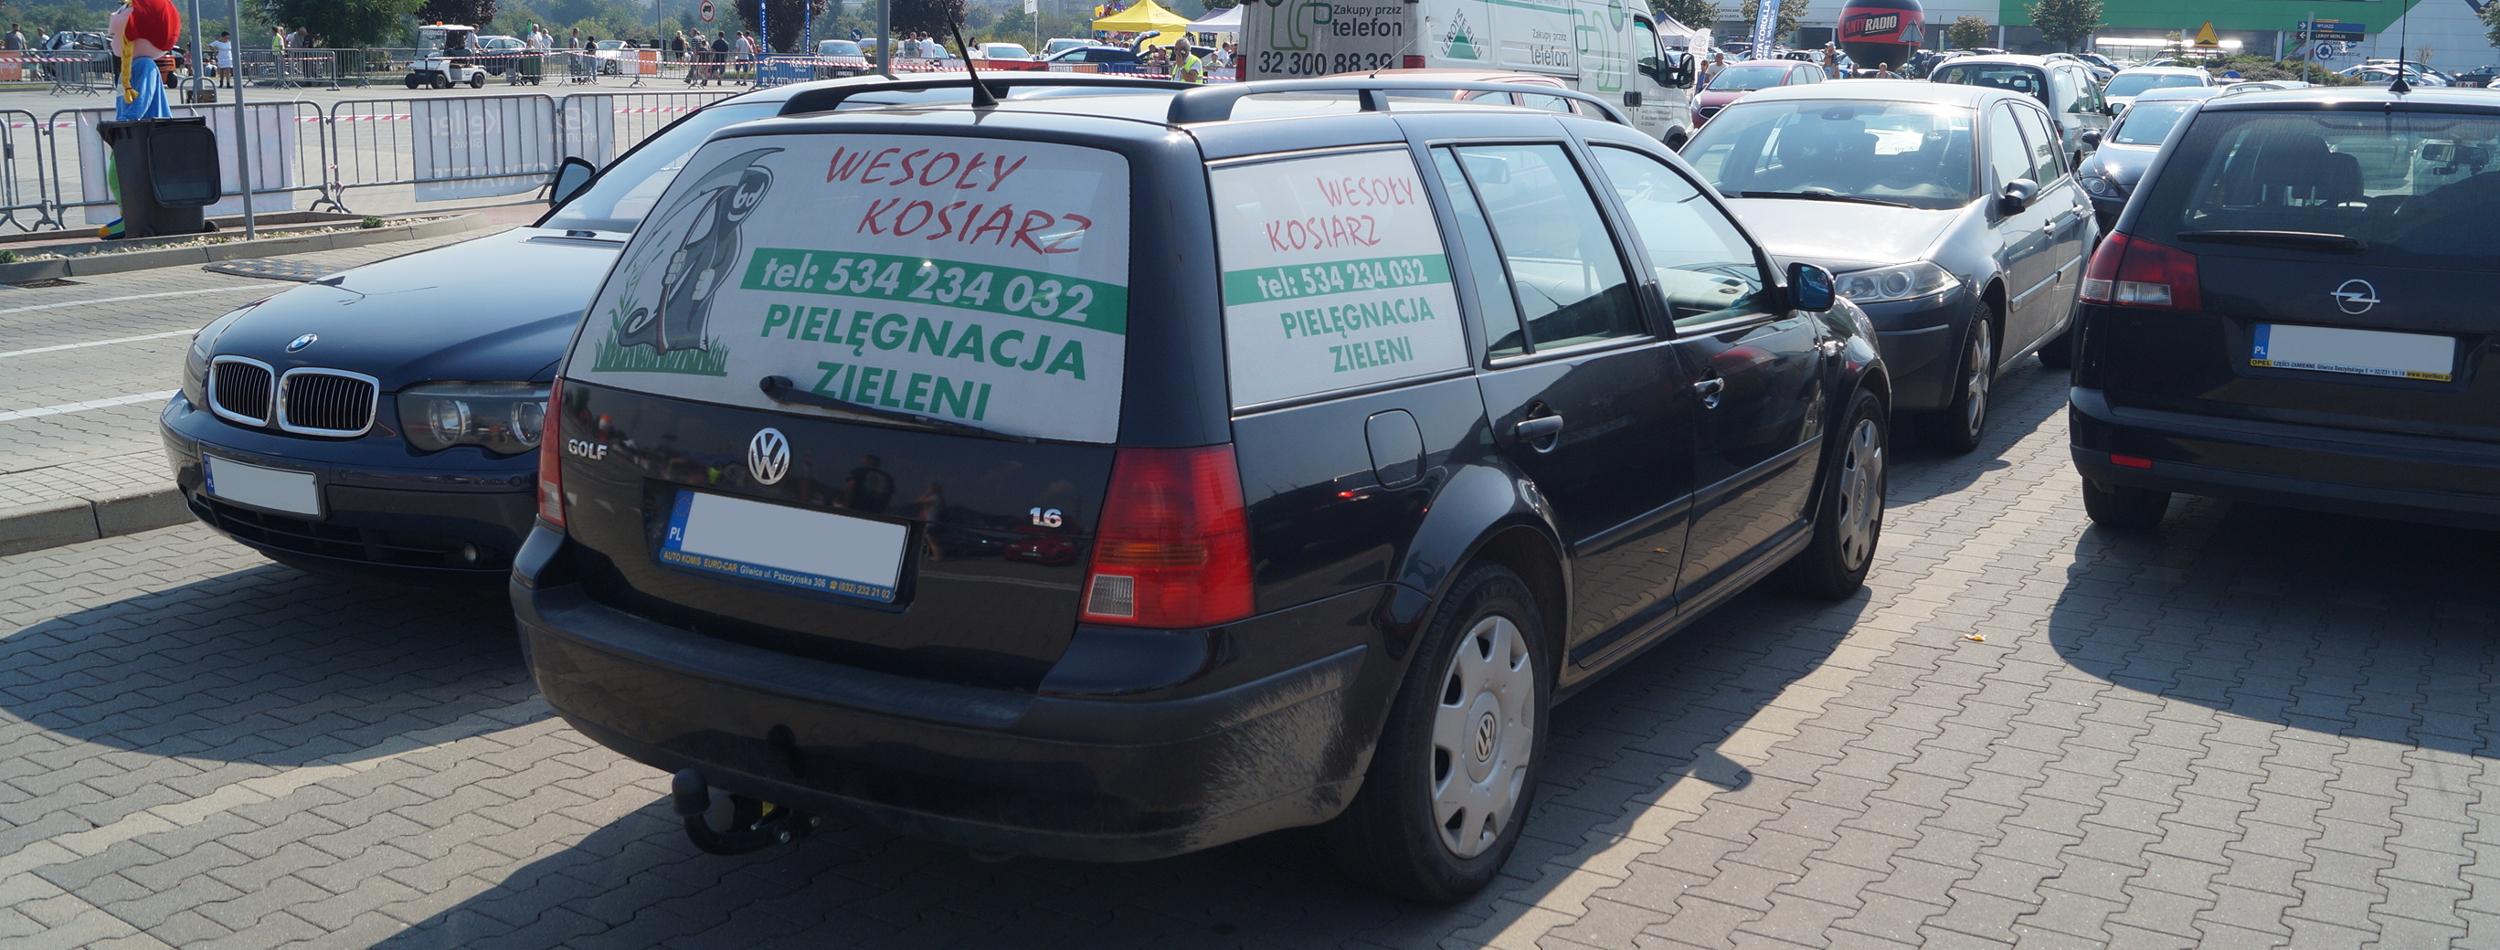 WESOŁY KOSIARZ - Pielęgnacja Zieleni - Gliwice